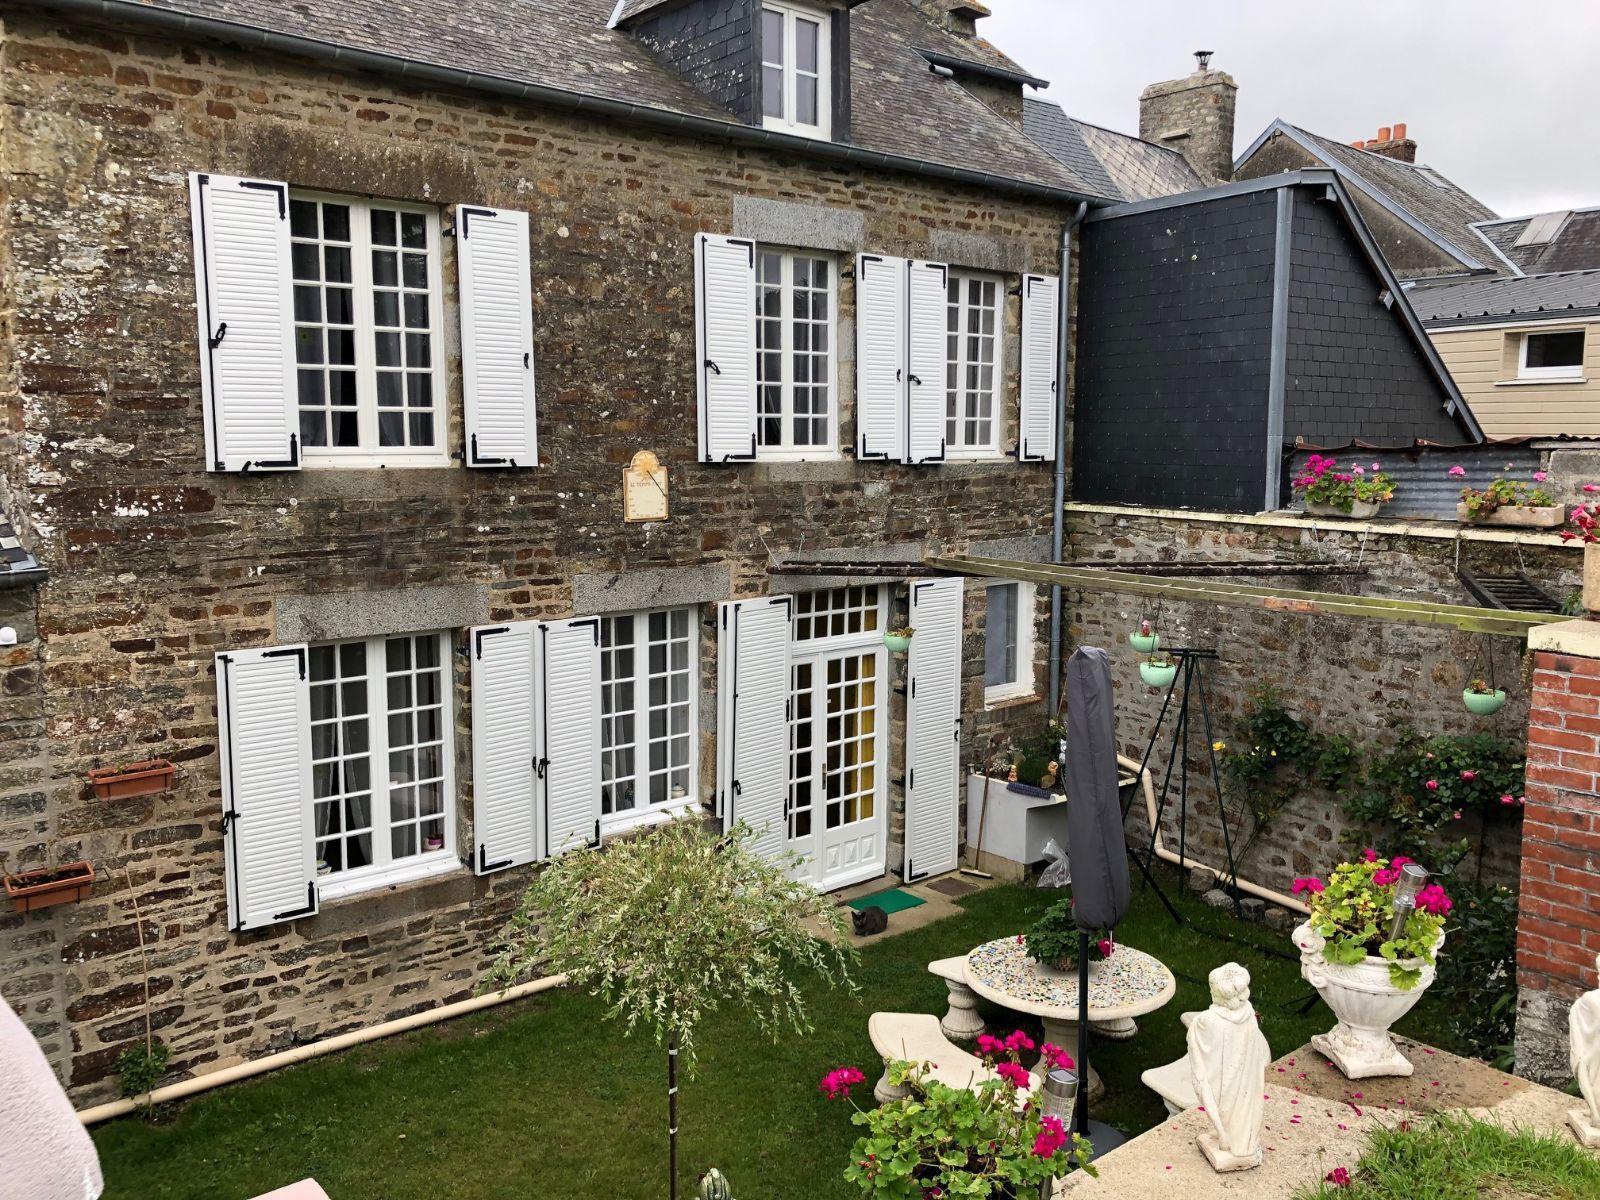 maison en vente Landelles-et-Coupigny